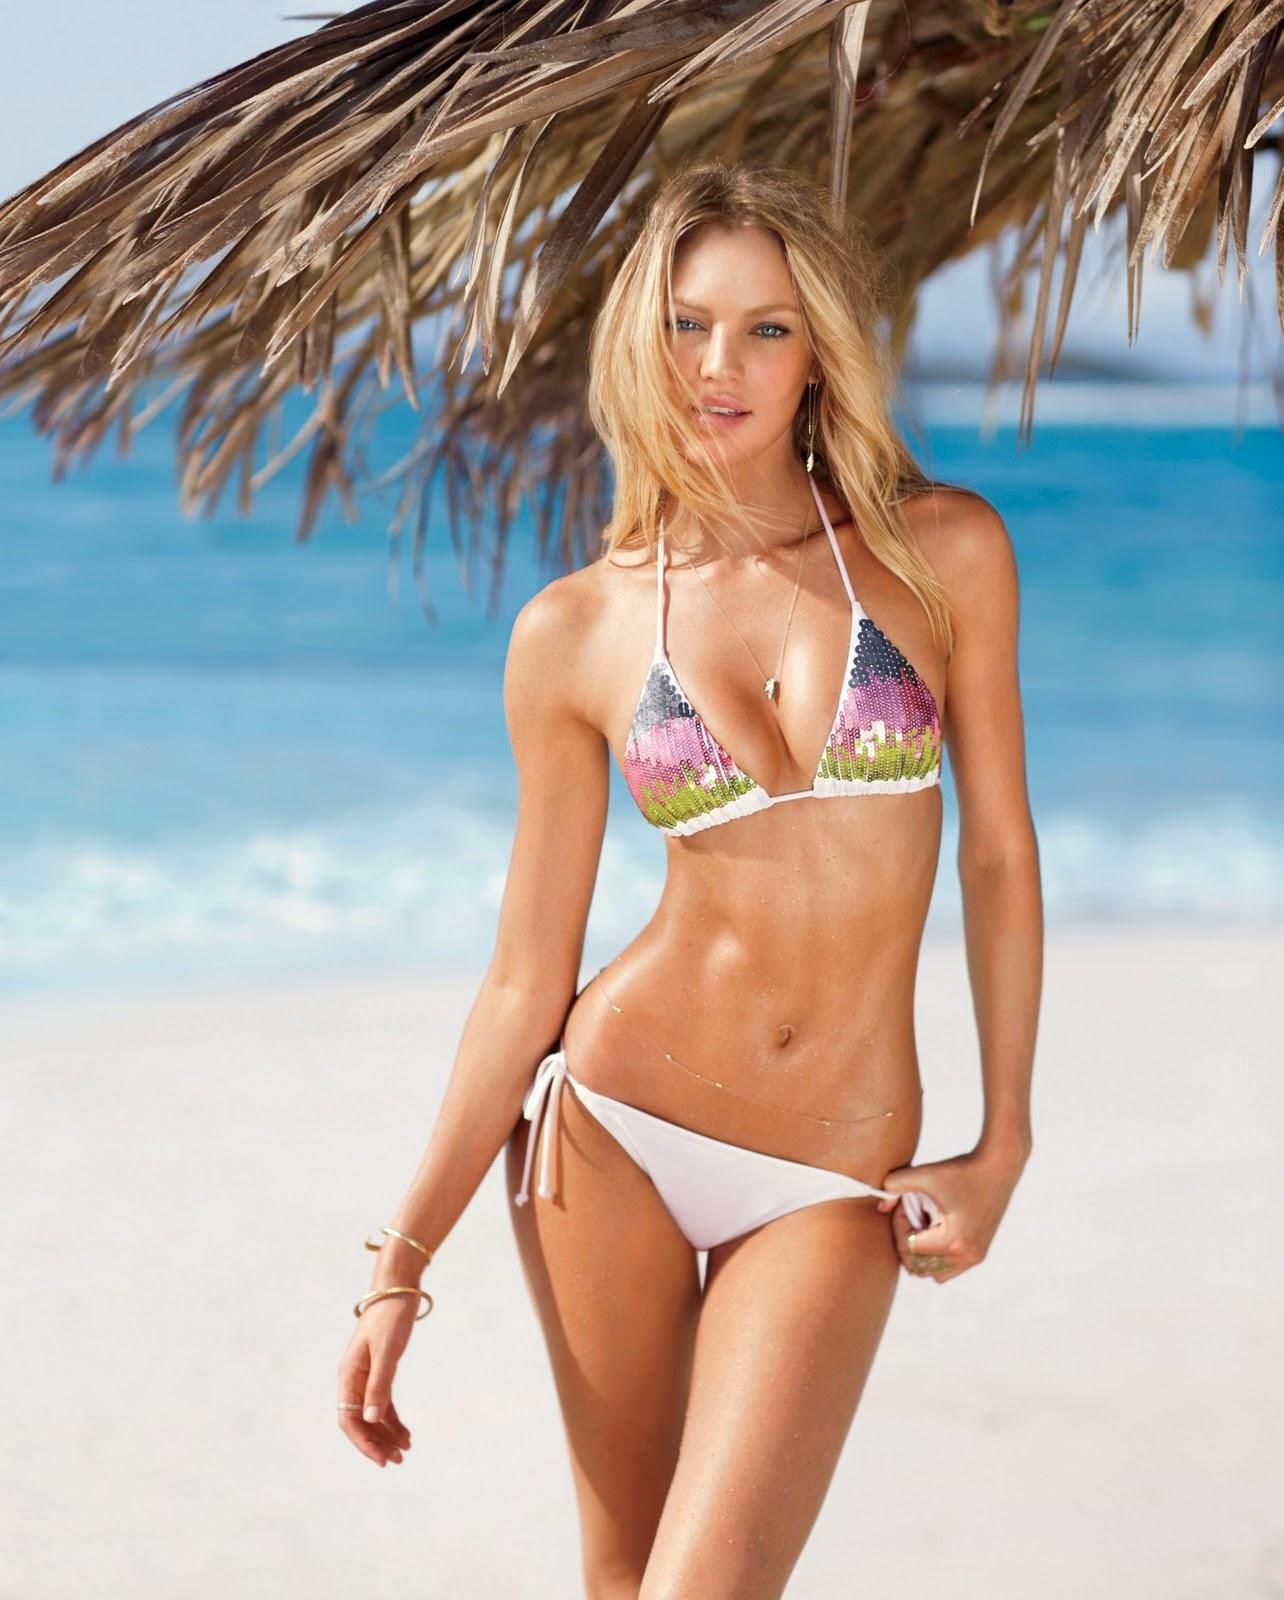 http://4.bp.blogspot.com/-fhZckXgbnXA/TrjulnPaYxI/AAAAAAAAR24/XJ1zbSpg91A/s1600/Candice-Swanepoel-Victorias-Secret-bikini2.jpg